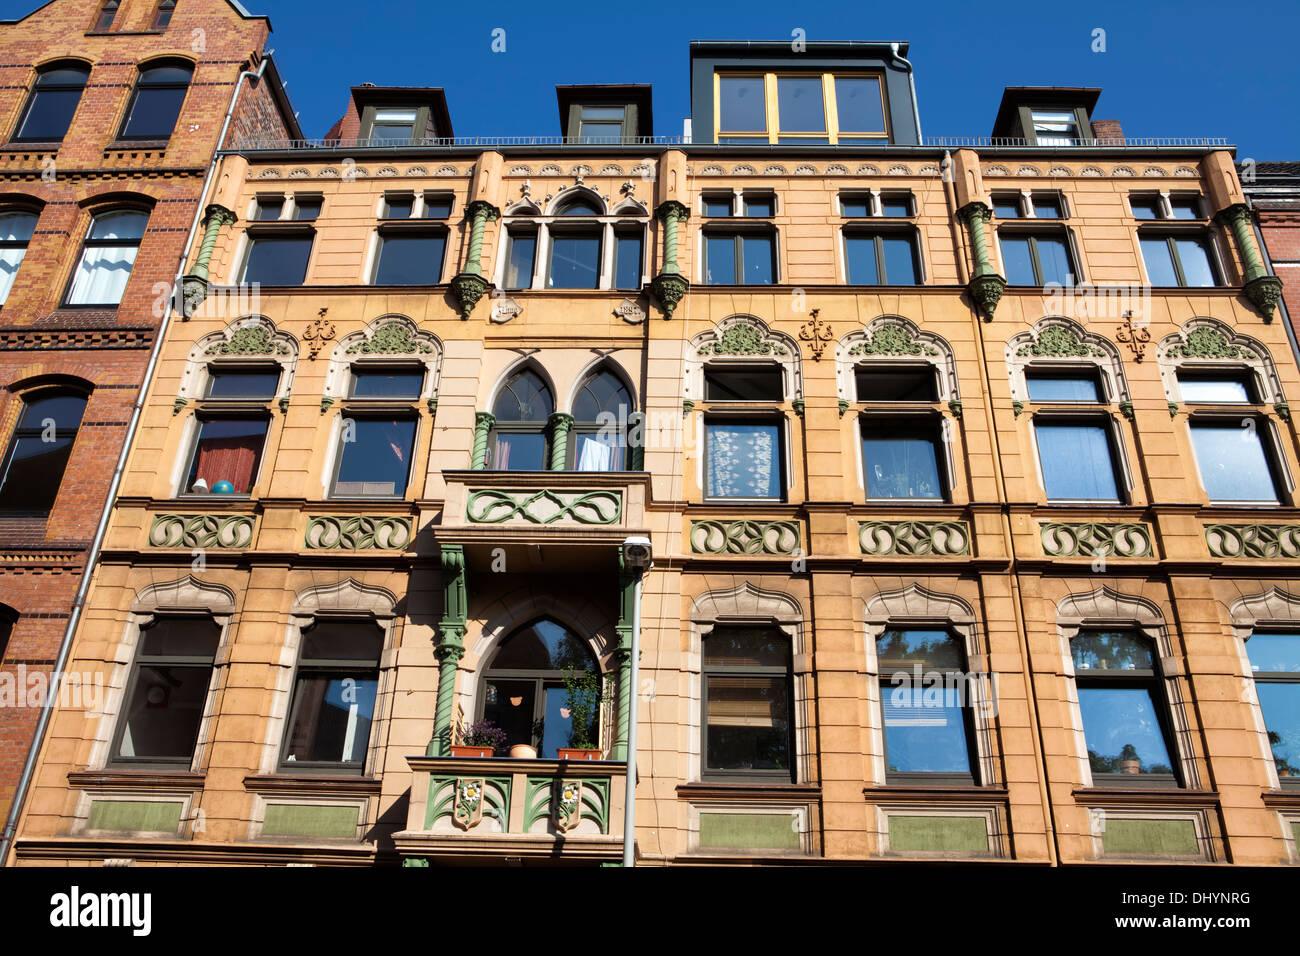 Architettura storica, Tiglio, Hannover, Bassa Sassonia, Germania, Europa Immagini Stock